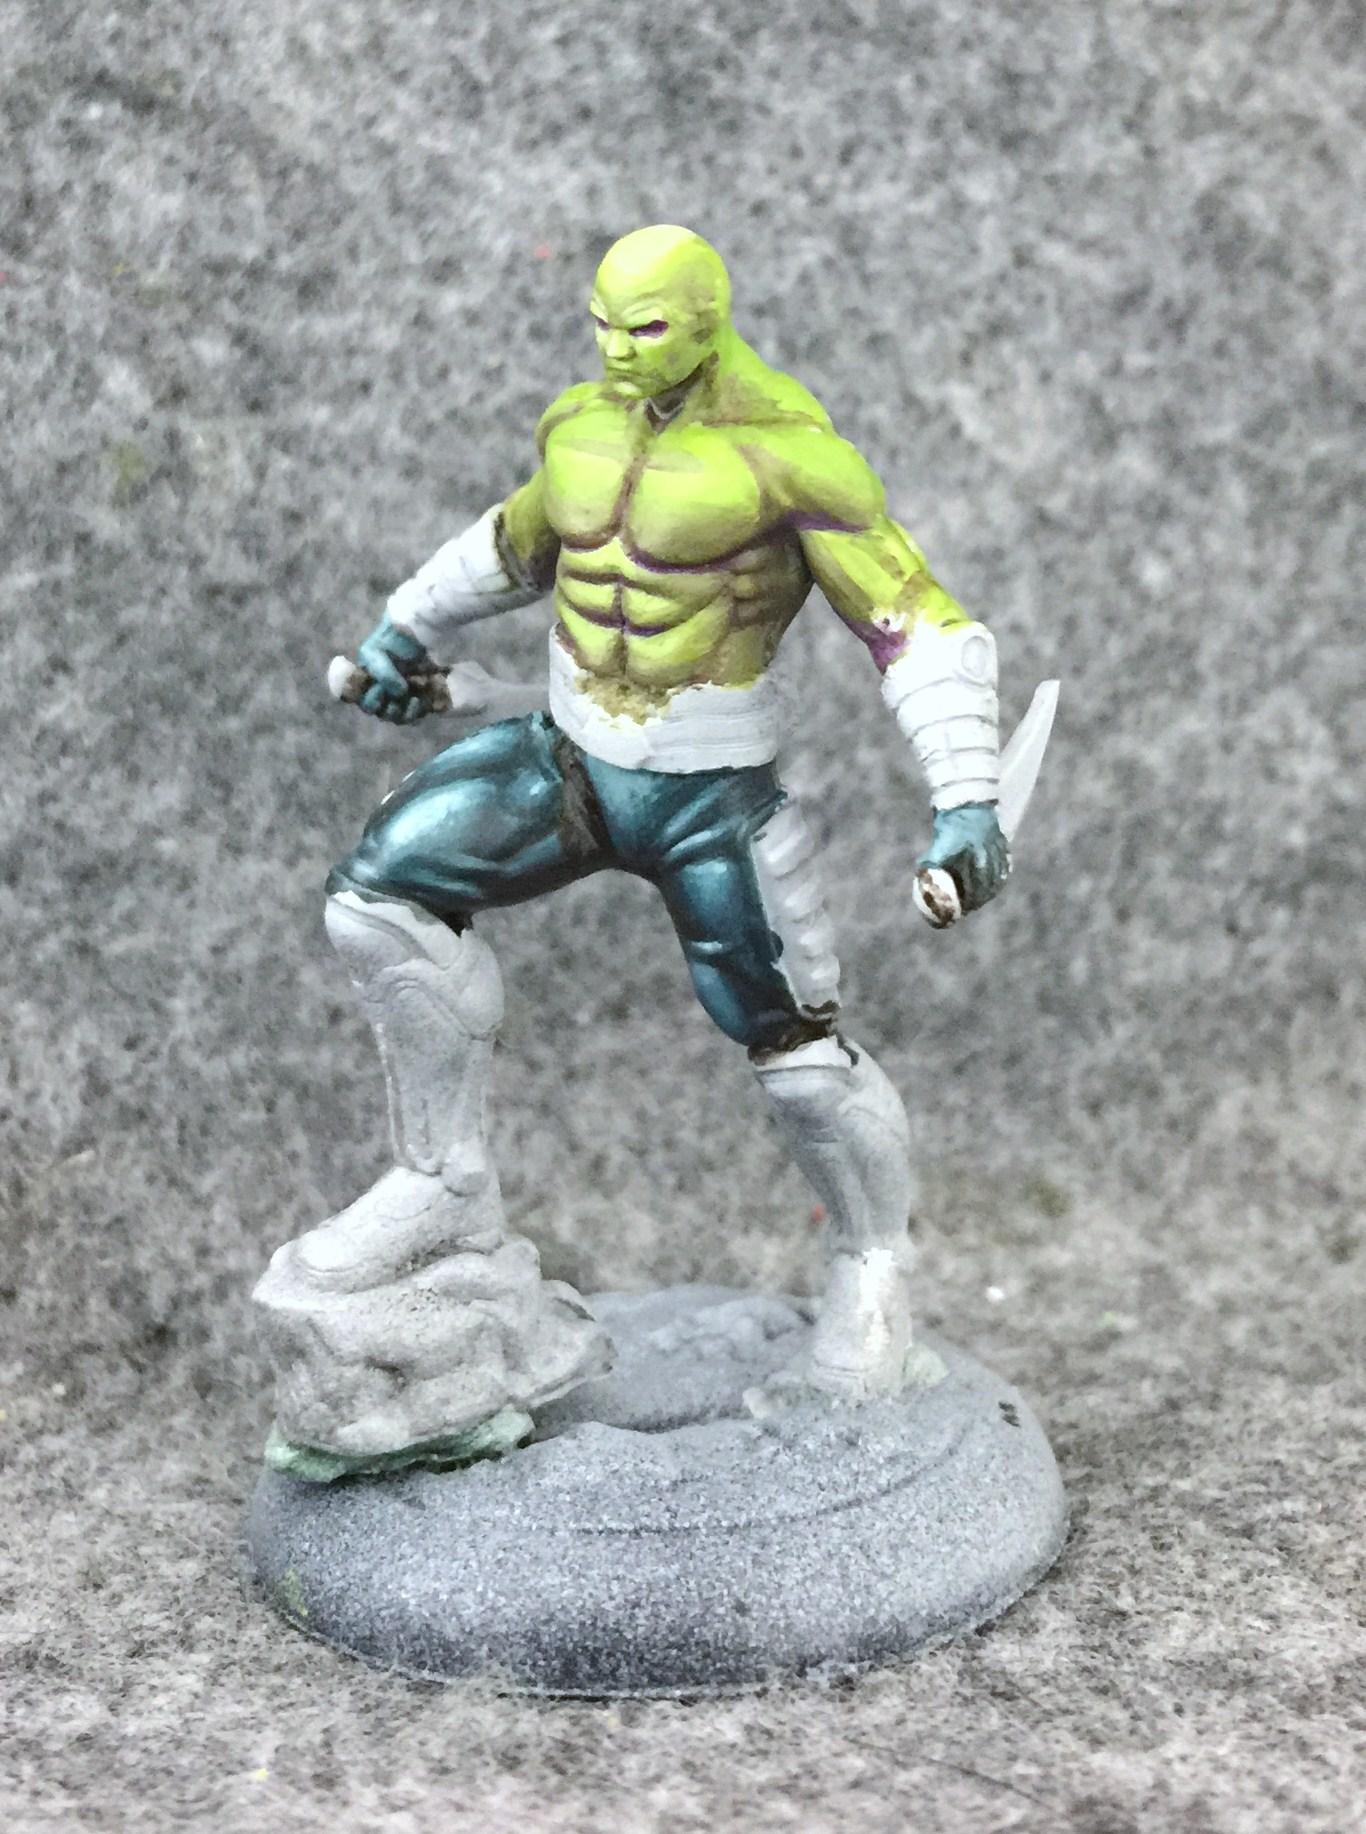 006 Drax Knight Models